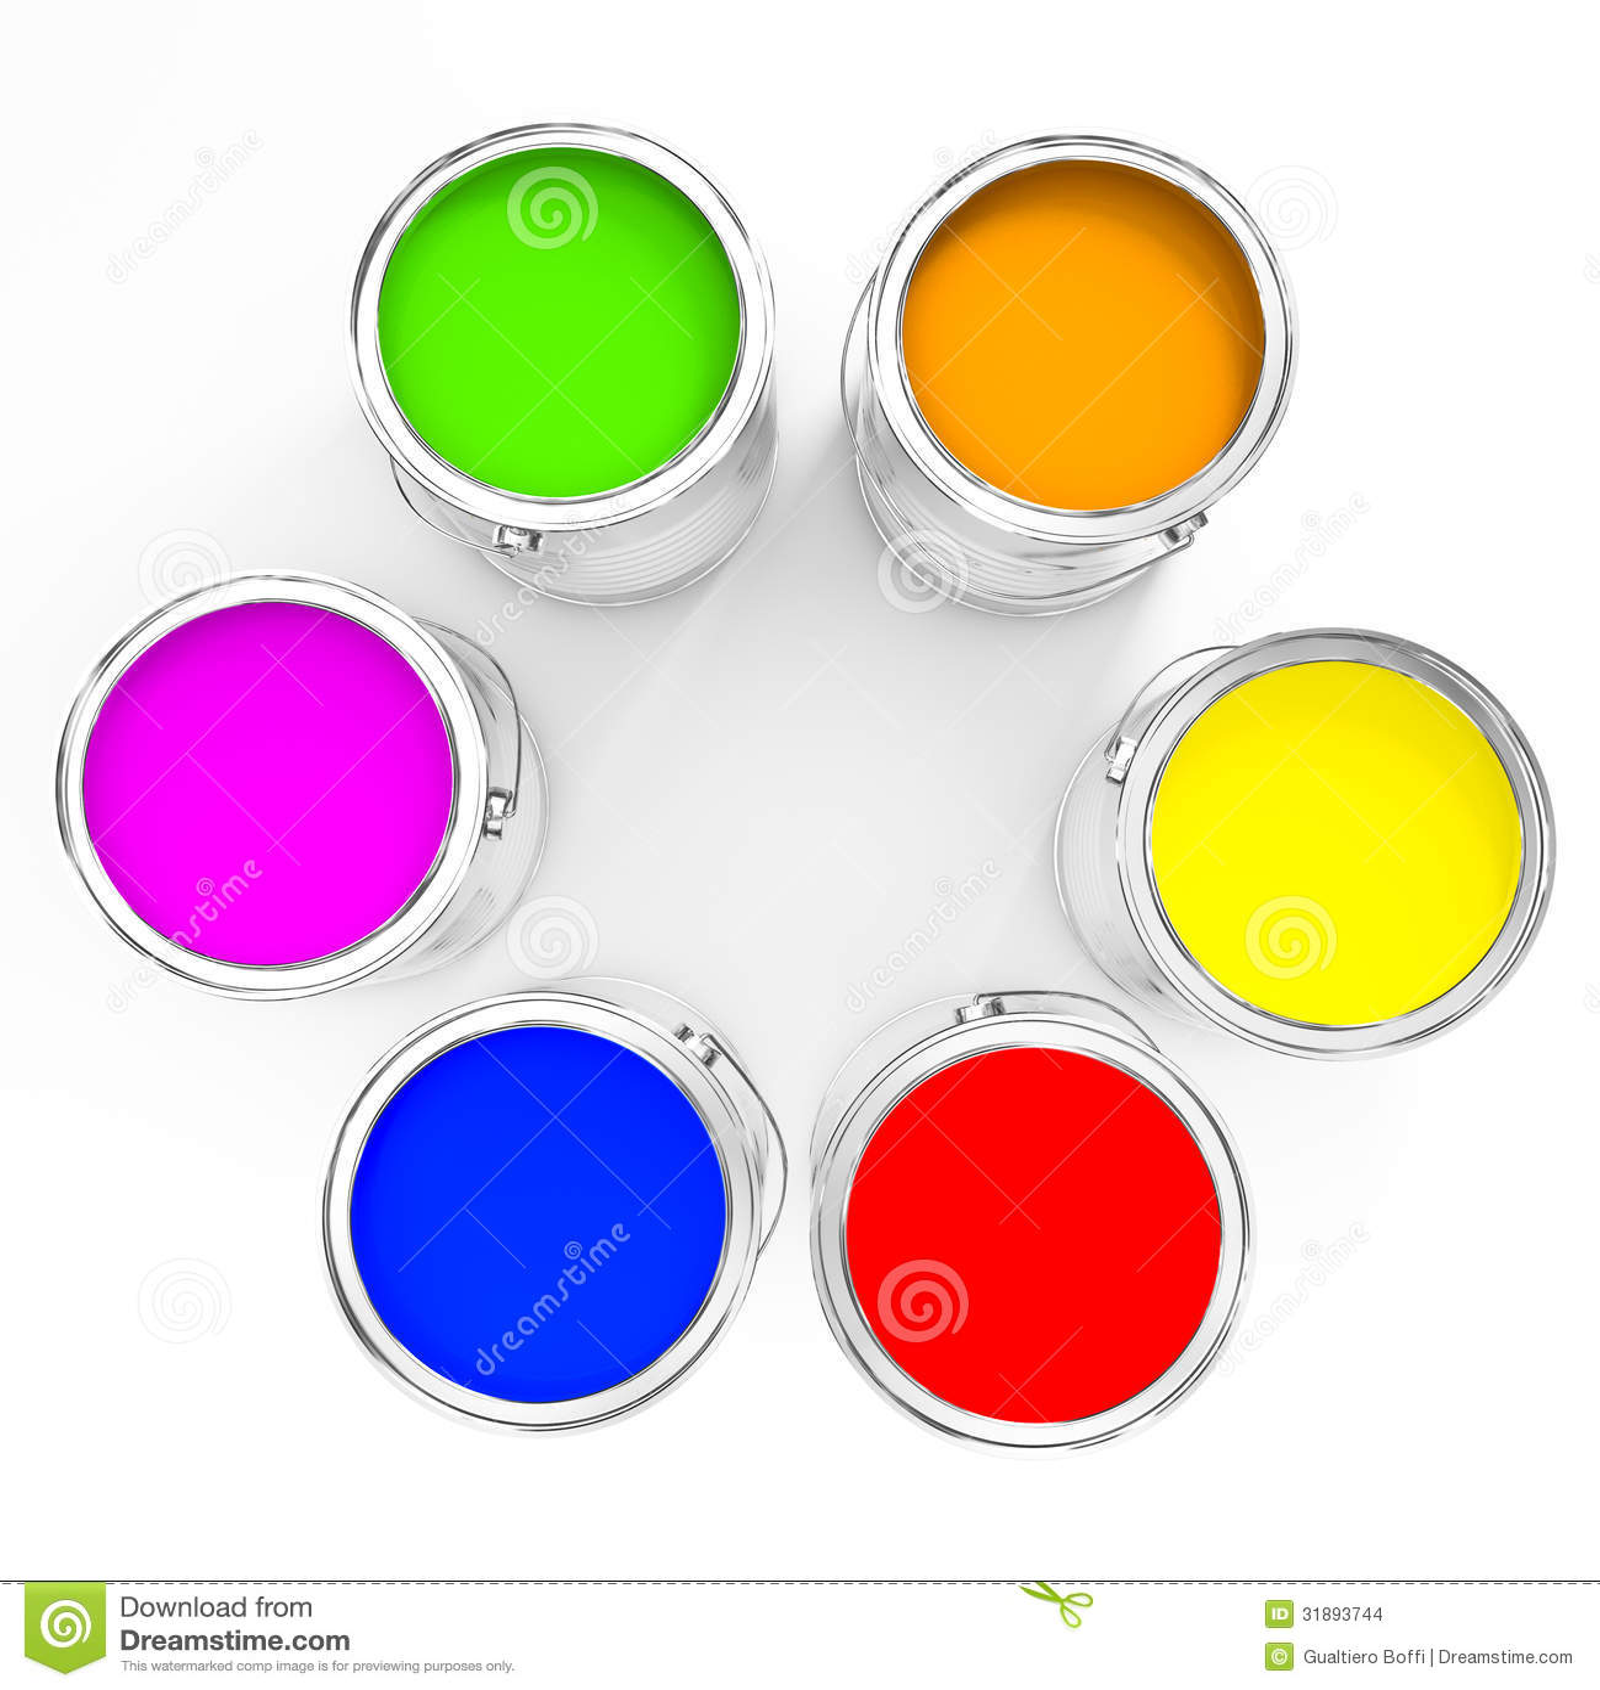 Fondo de la pintura del color imagenes de archivo imagen - Pintura para madera colores ...